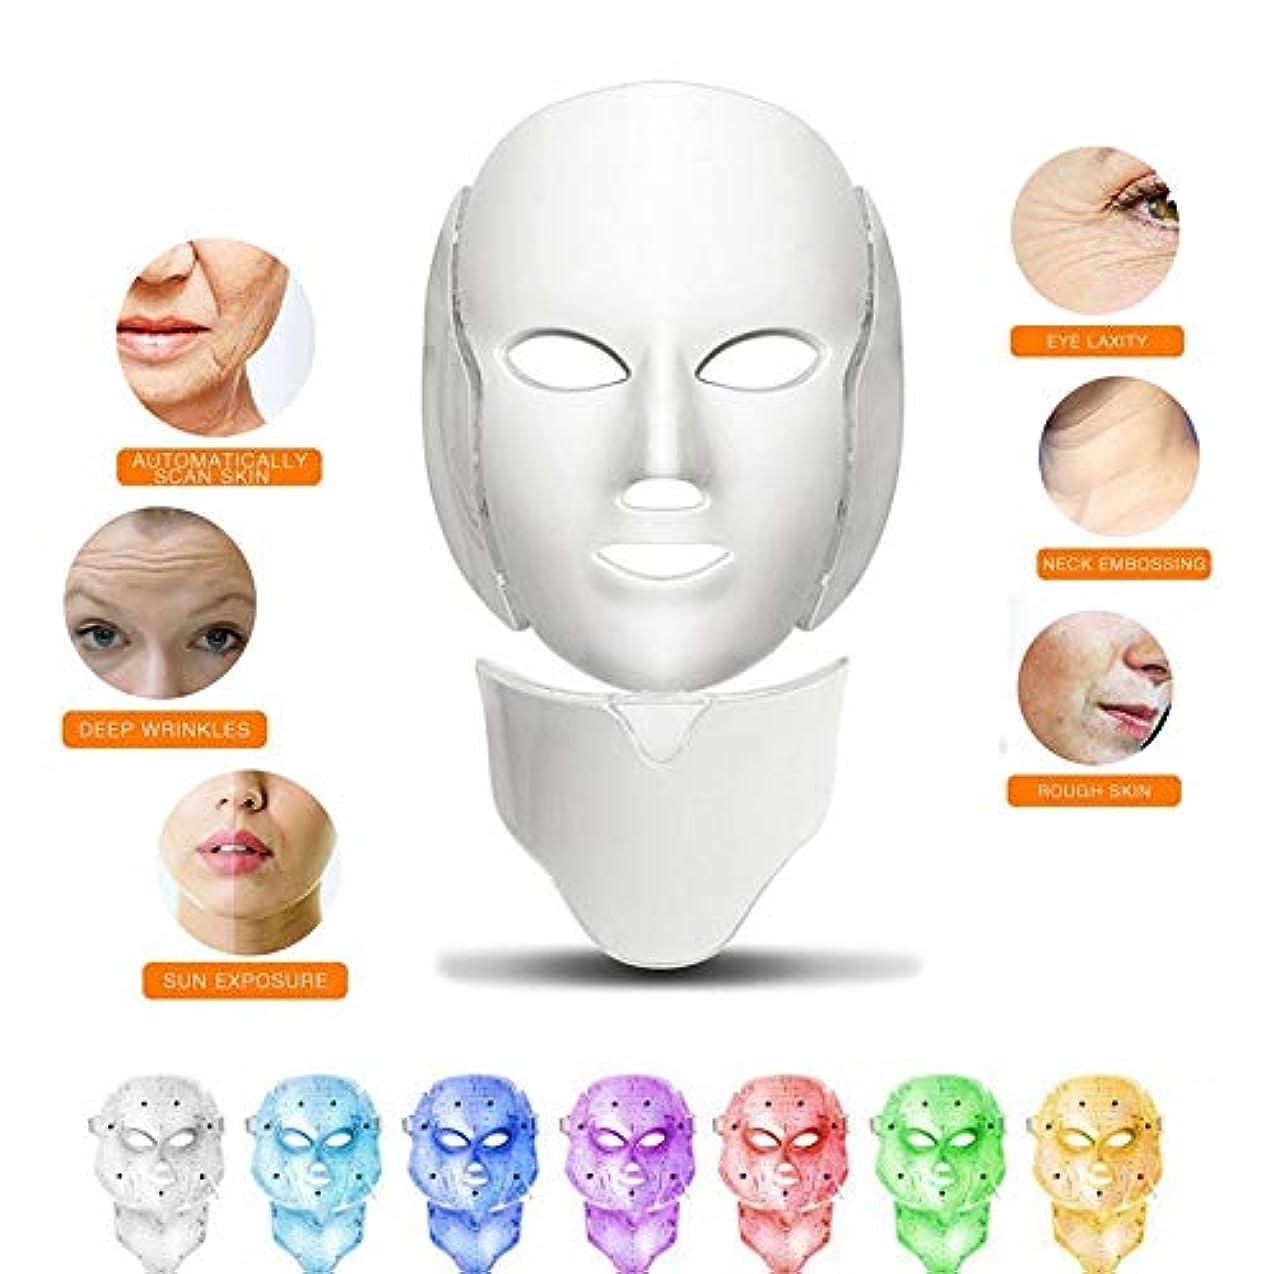 動揺させる摂動恥赤色光光子療法機7色ledフェイスマスク+首、肌の若返りしわにきび除去フェイシャルスパ美容機器、ホワイト